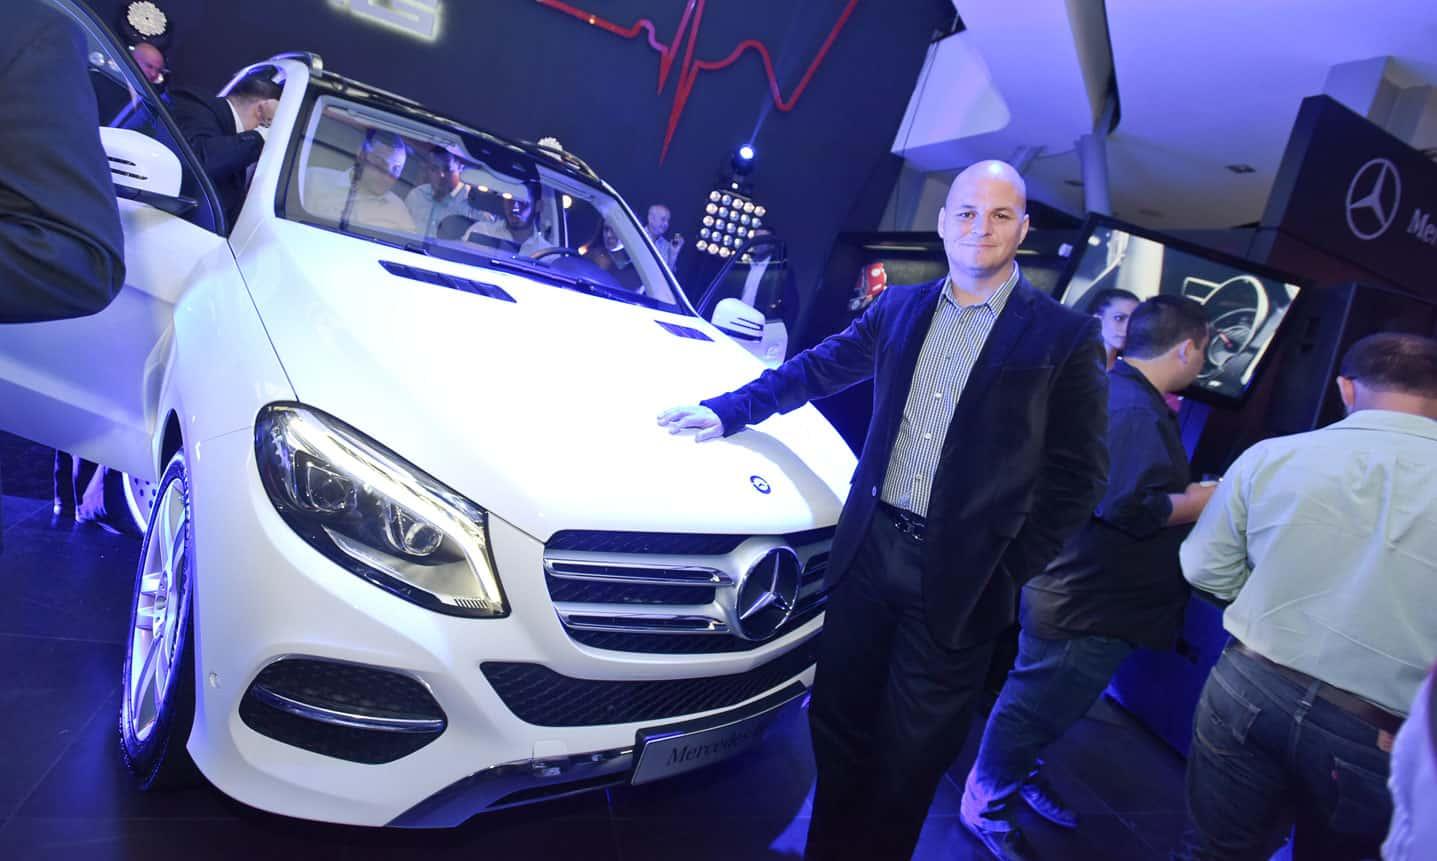 Evento de presentación del nuevo Mercedes-Benz GLE